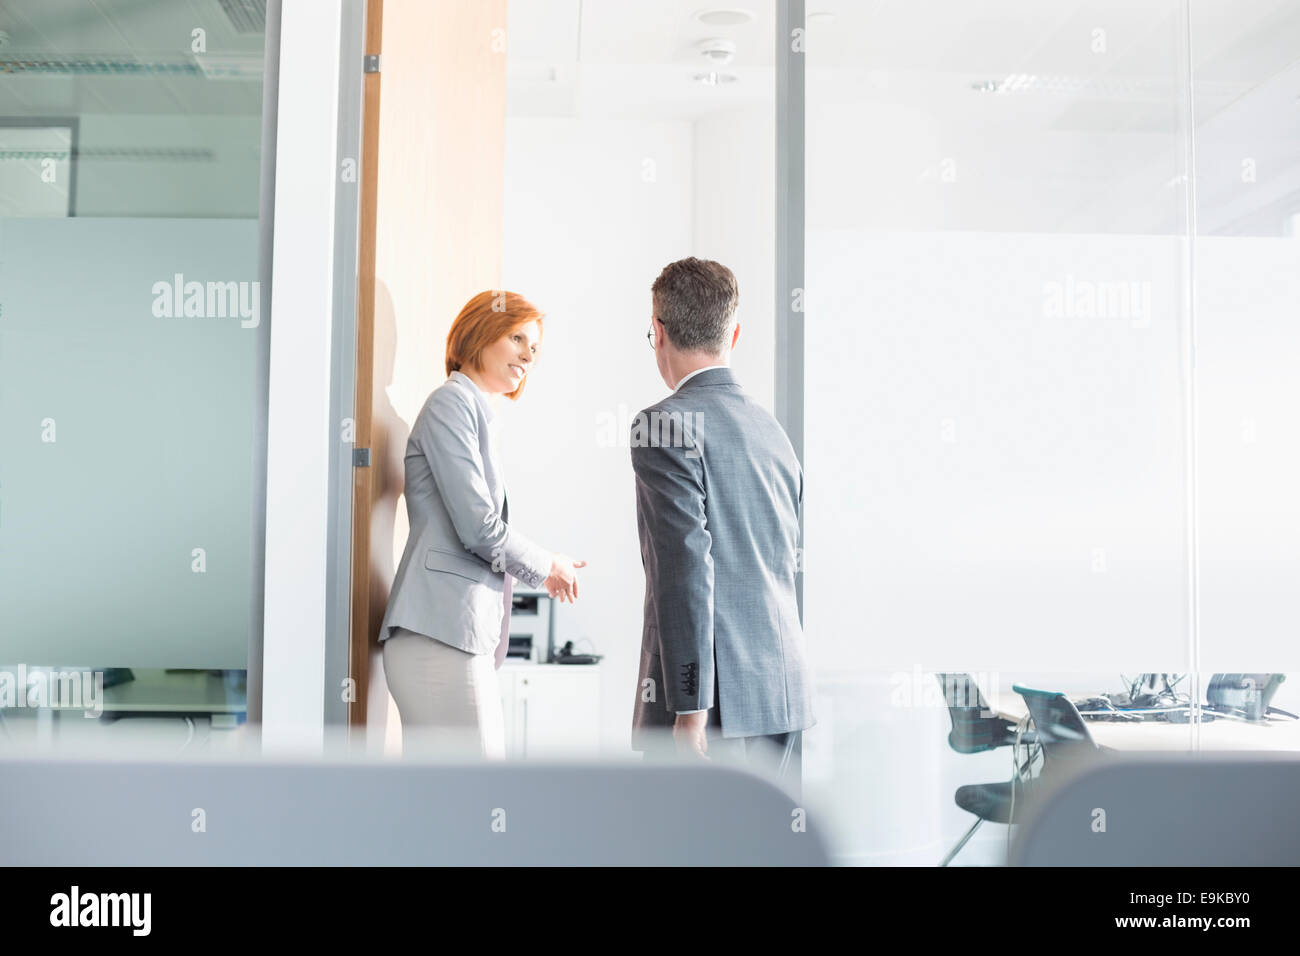 Geschäftsleute in Konferenzraum betreten Stockbild